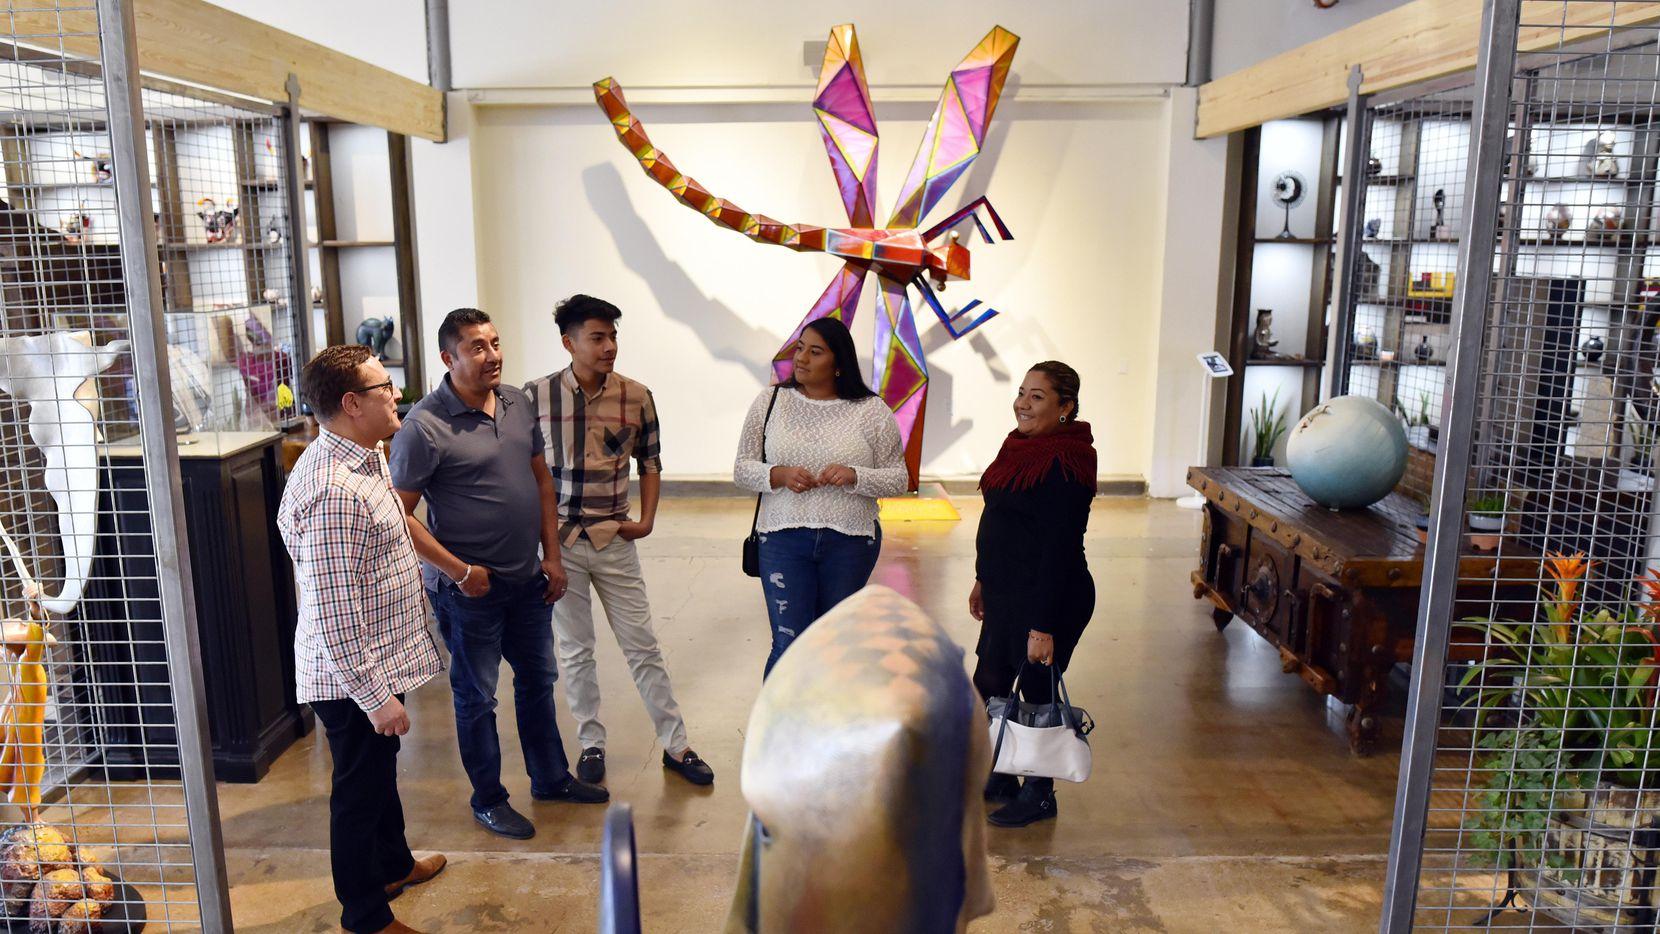 El Mercado Artesanal en Oak Cliff busca crear un espacio para los artesanos latinos. BEN TORRES/AL DÍA